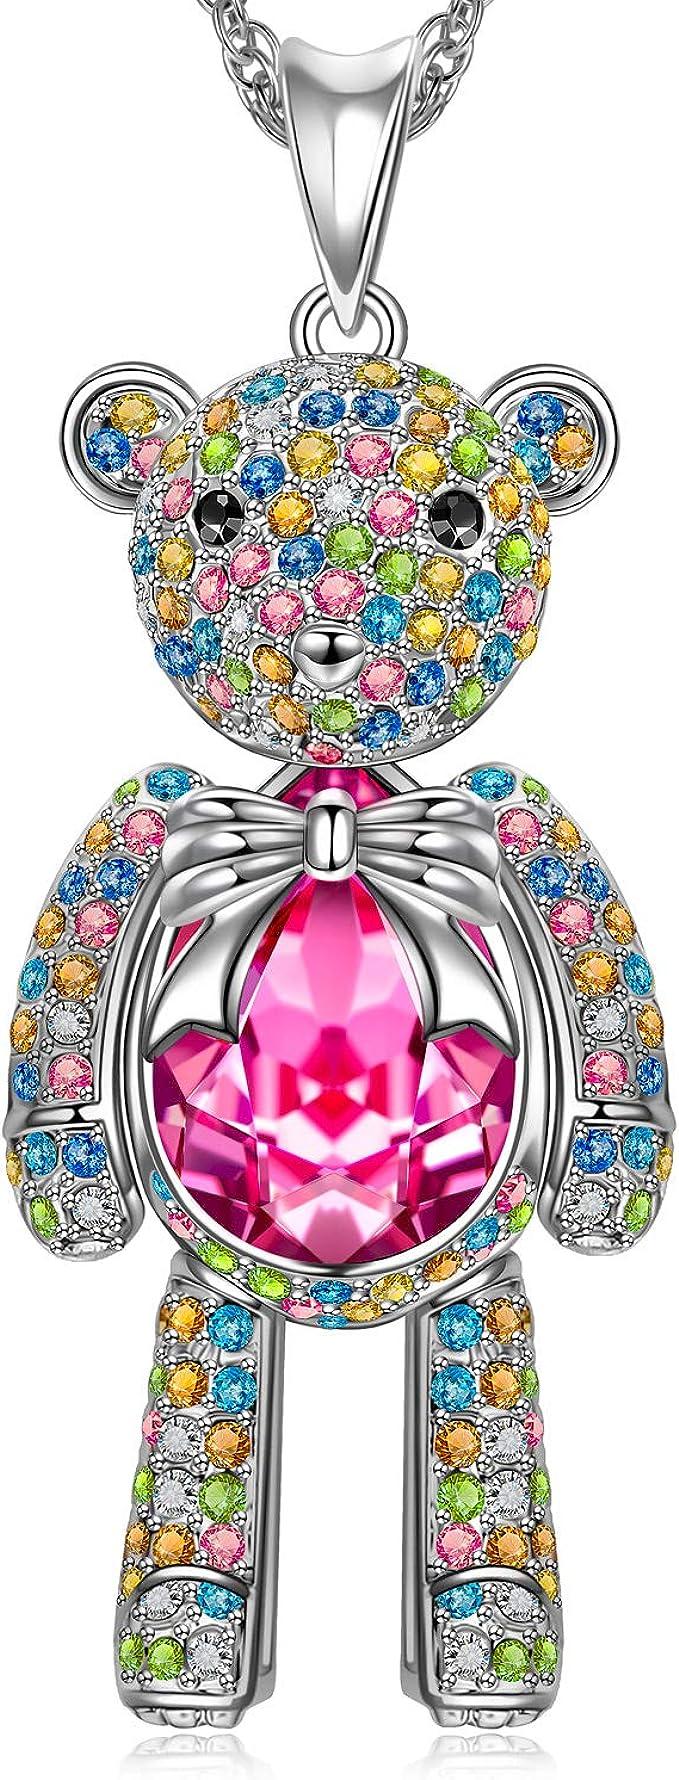 Amazon.com: J.NINA - Collar con diseño de oso de princesa ...